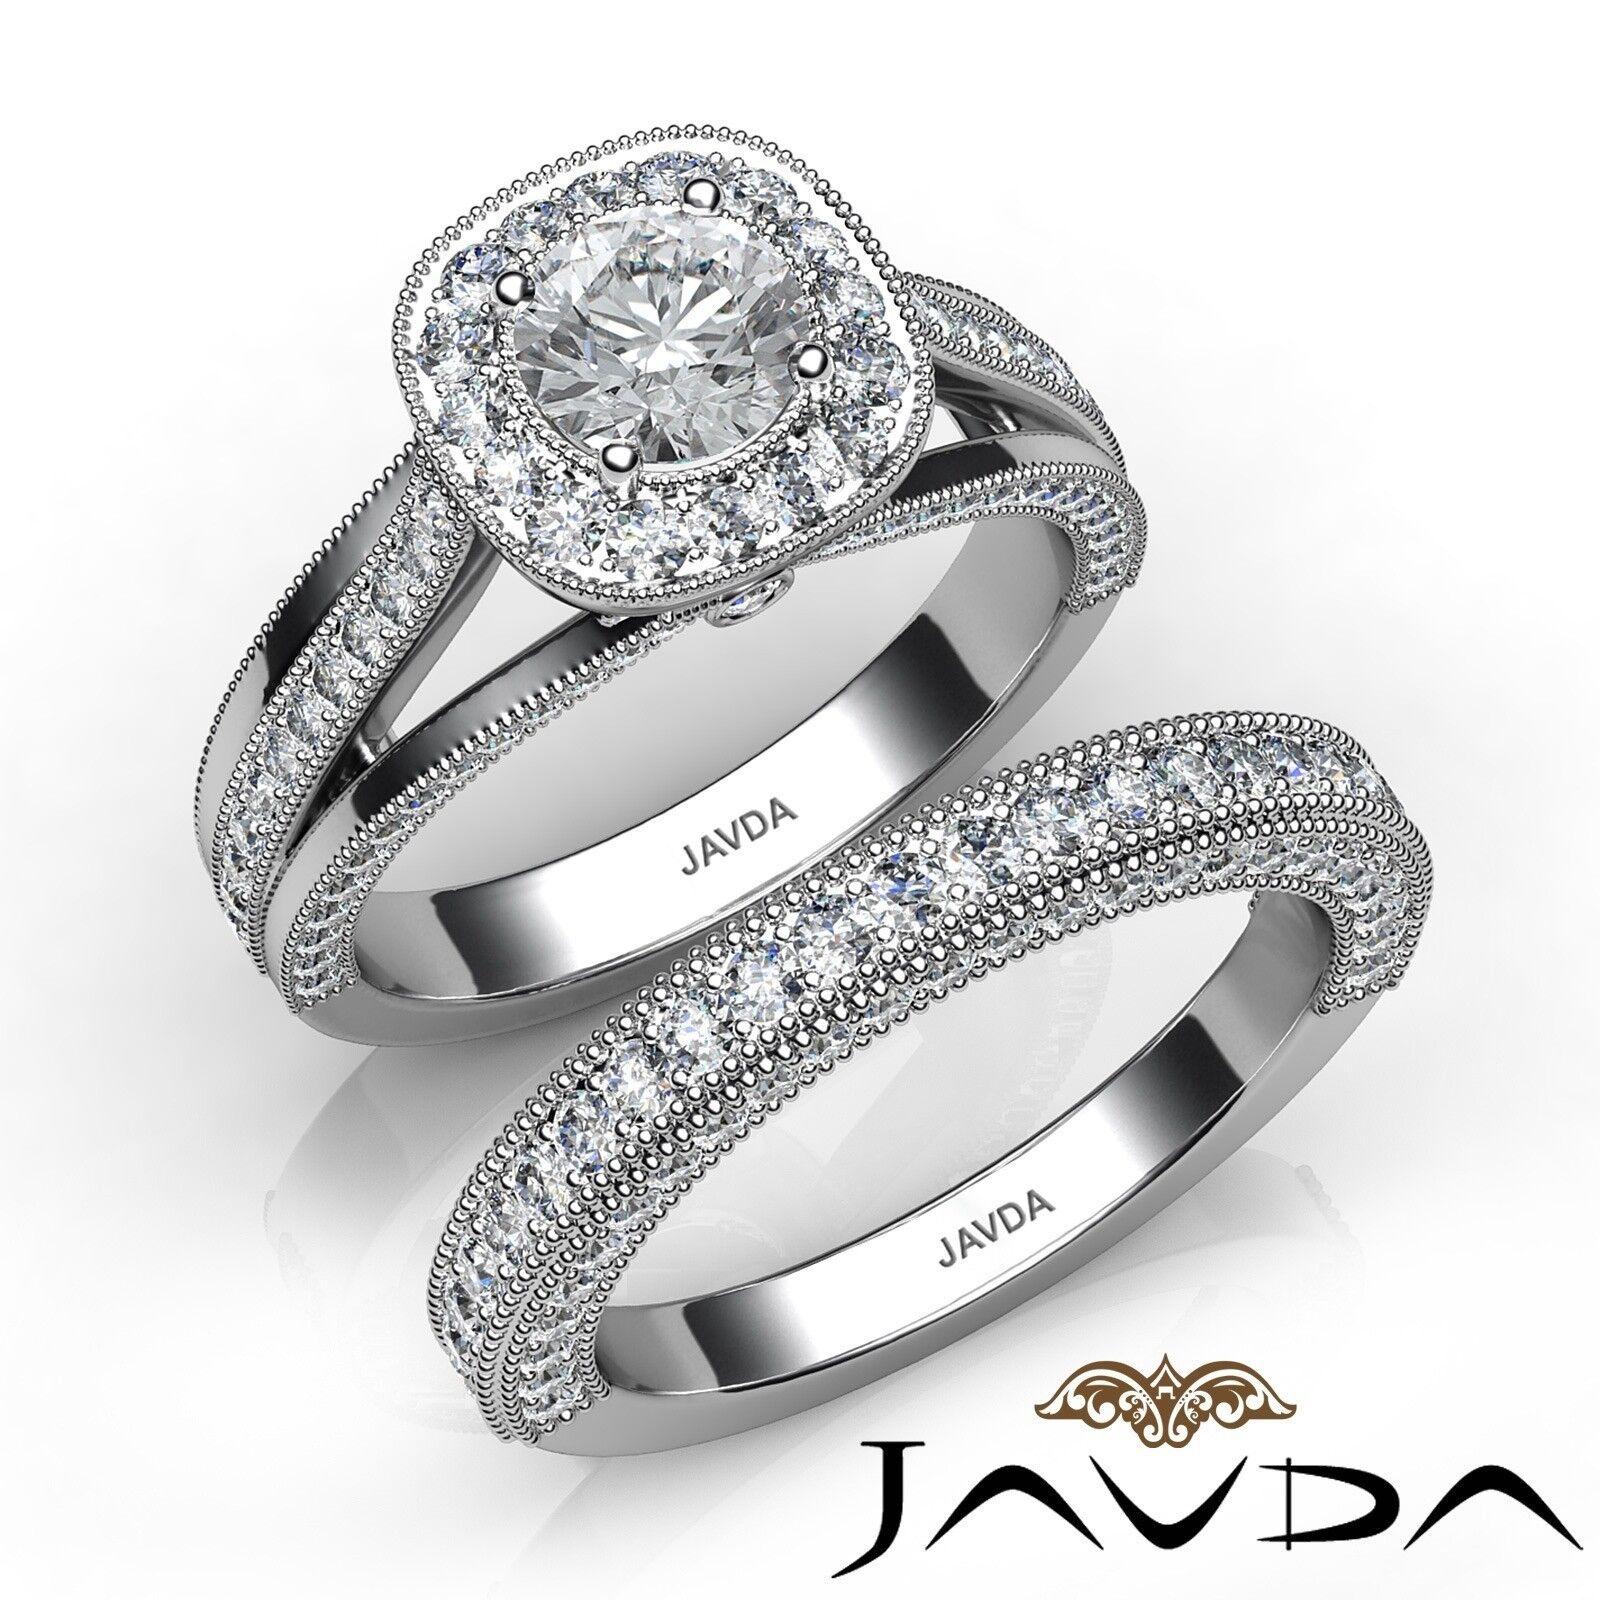 2.15ctw Milgrain Bridal Set Halo Round Diamond Engagement Ring GIA G-VVS1 W Gold